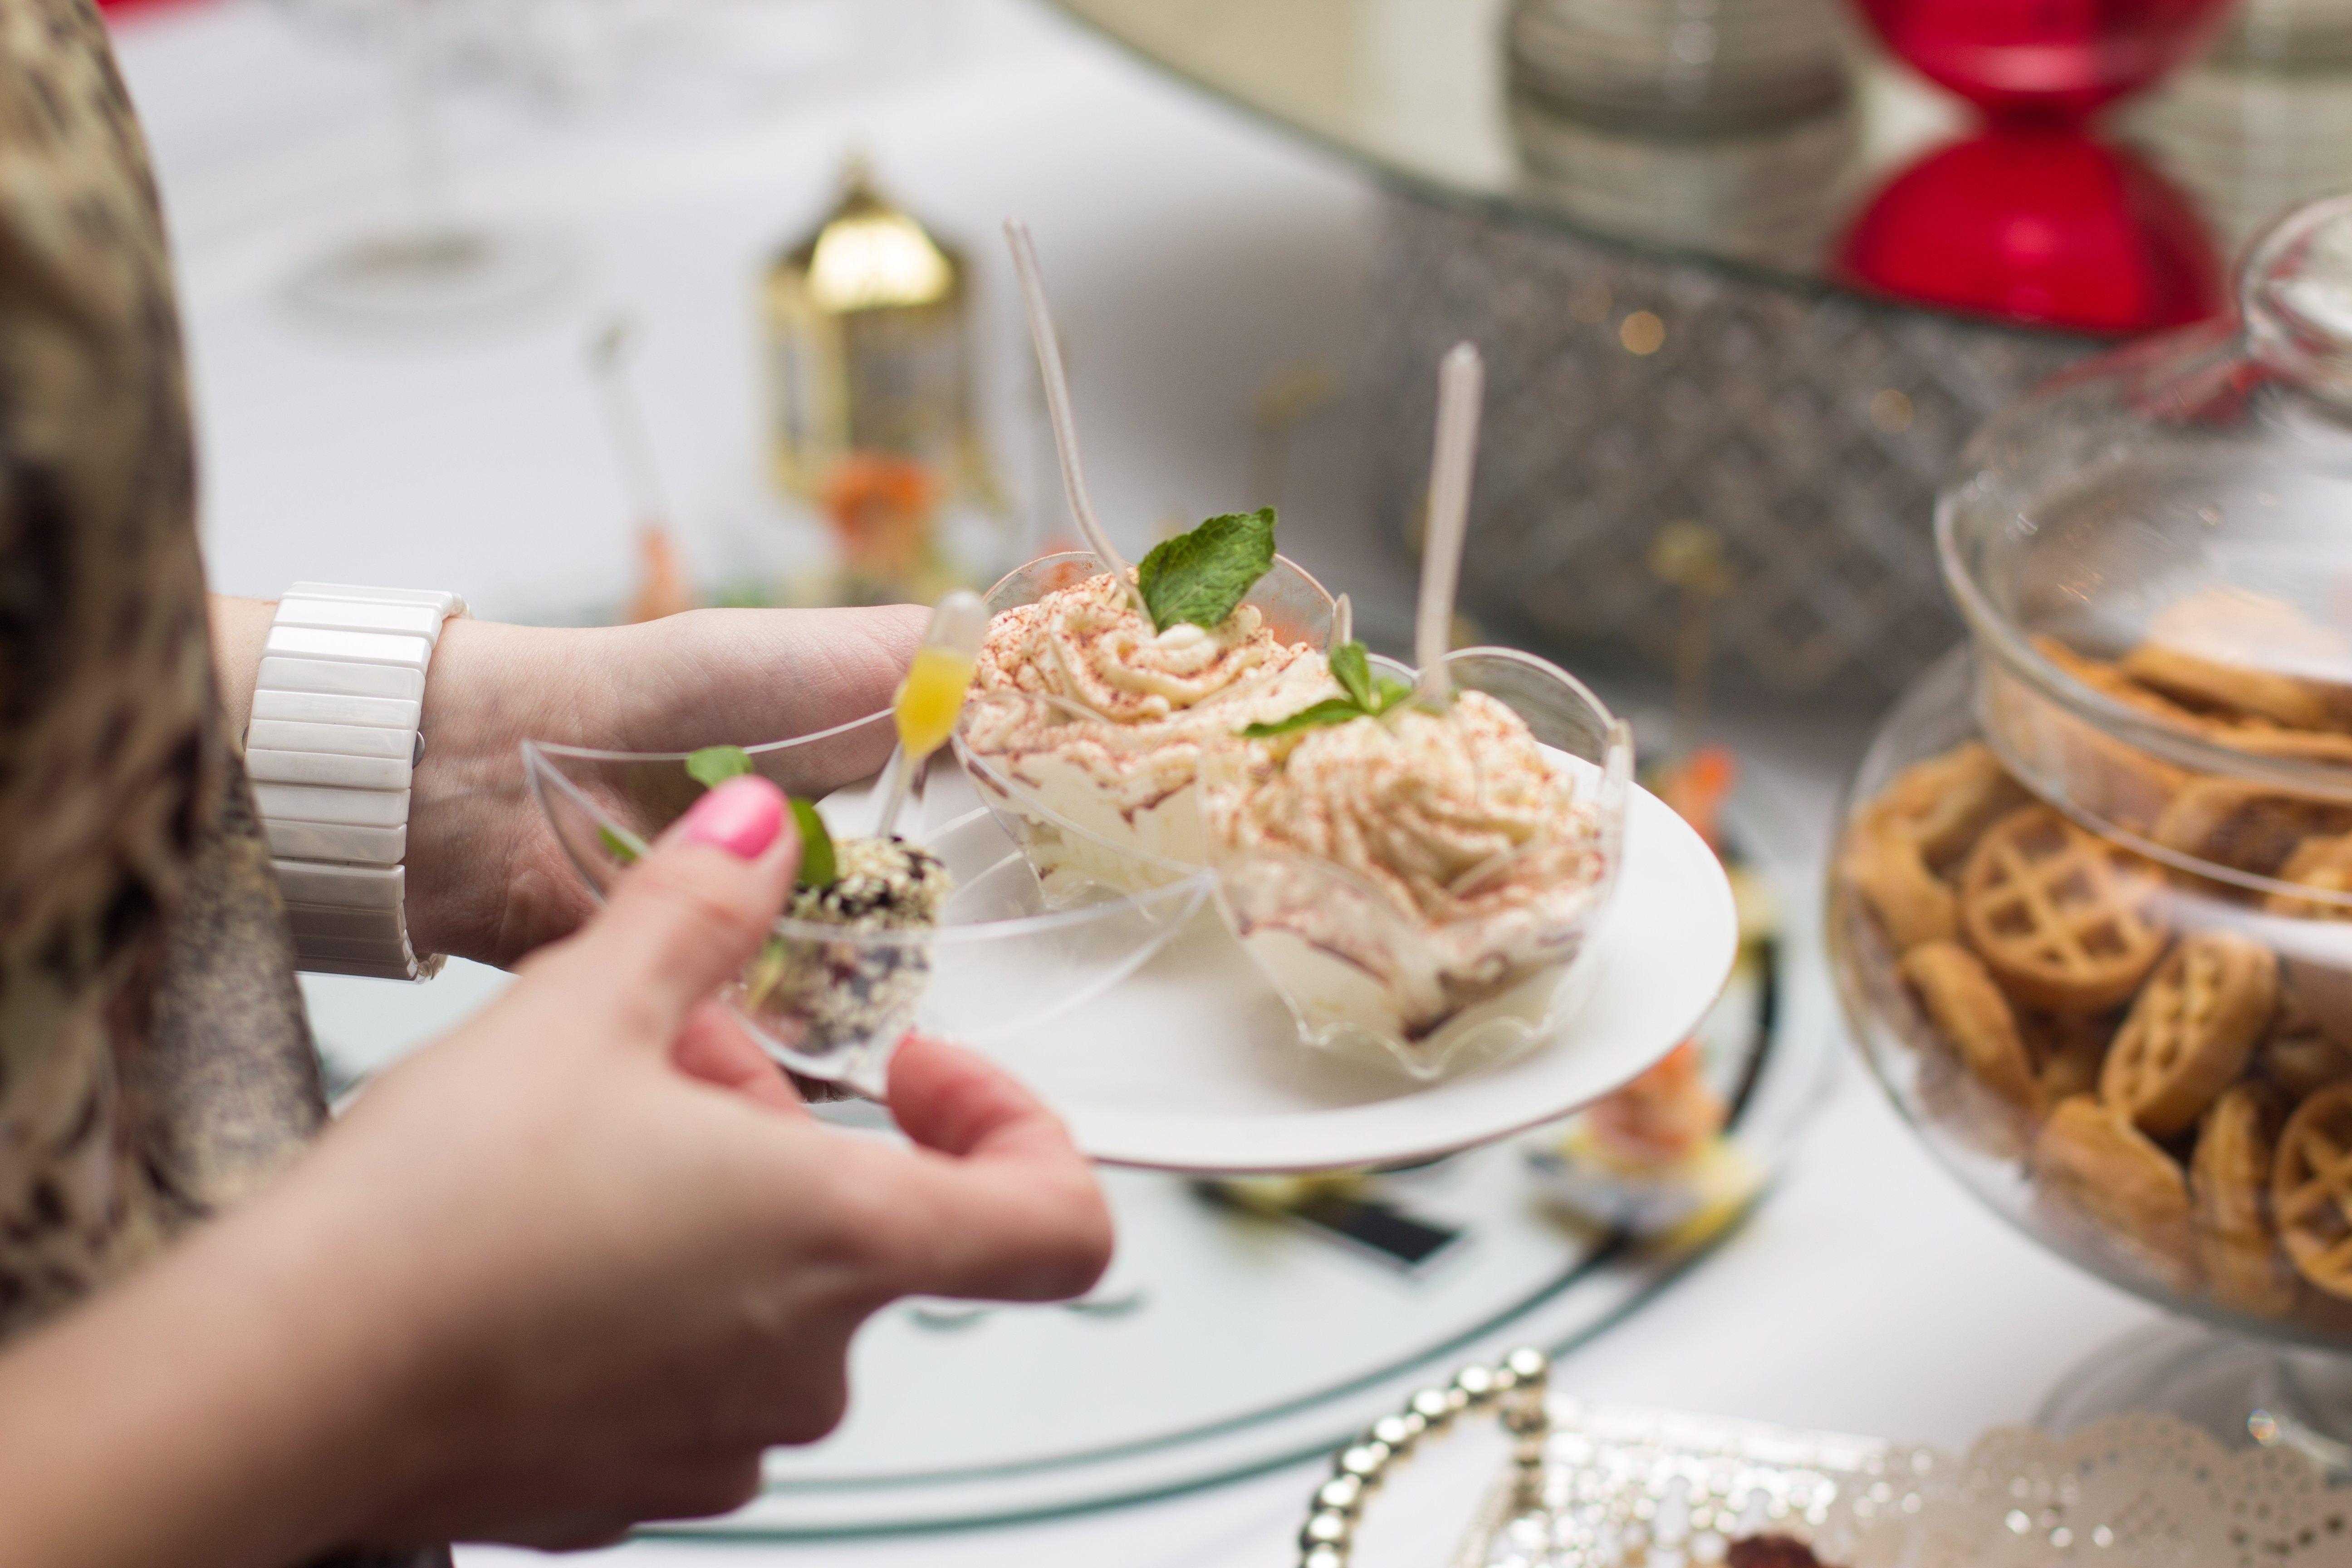 свадьба в золотой вилке туда фото что этой